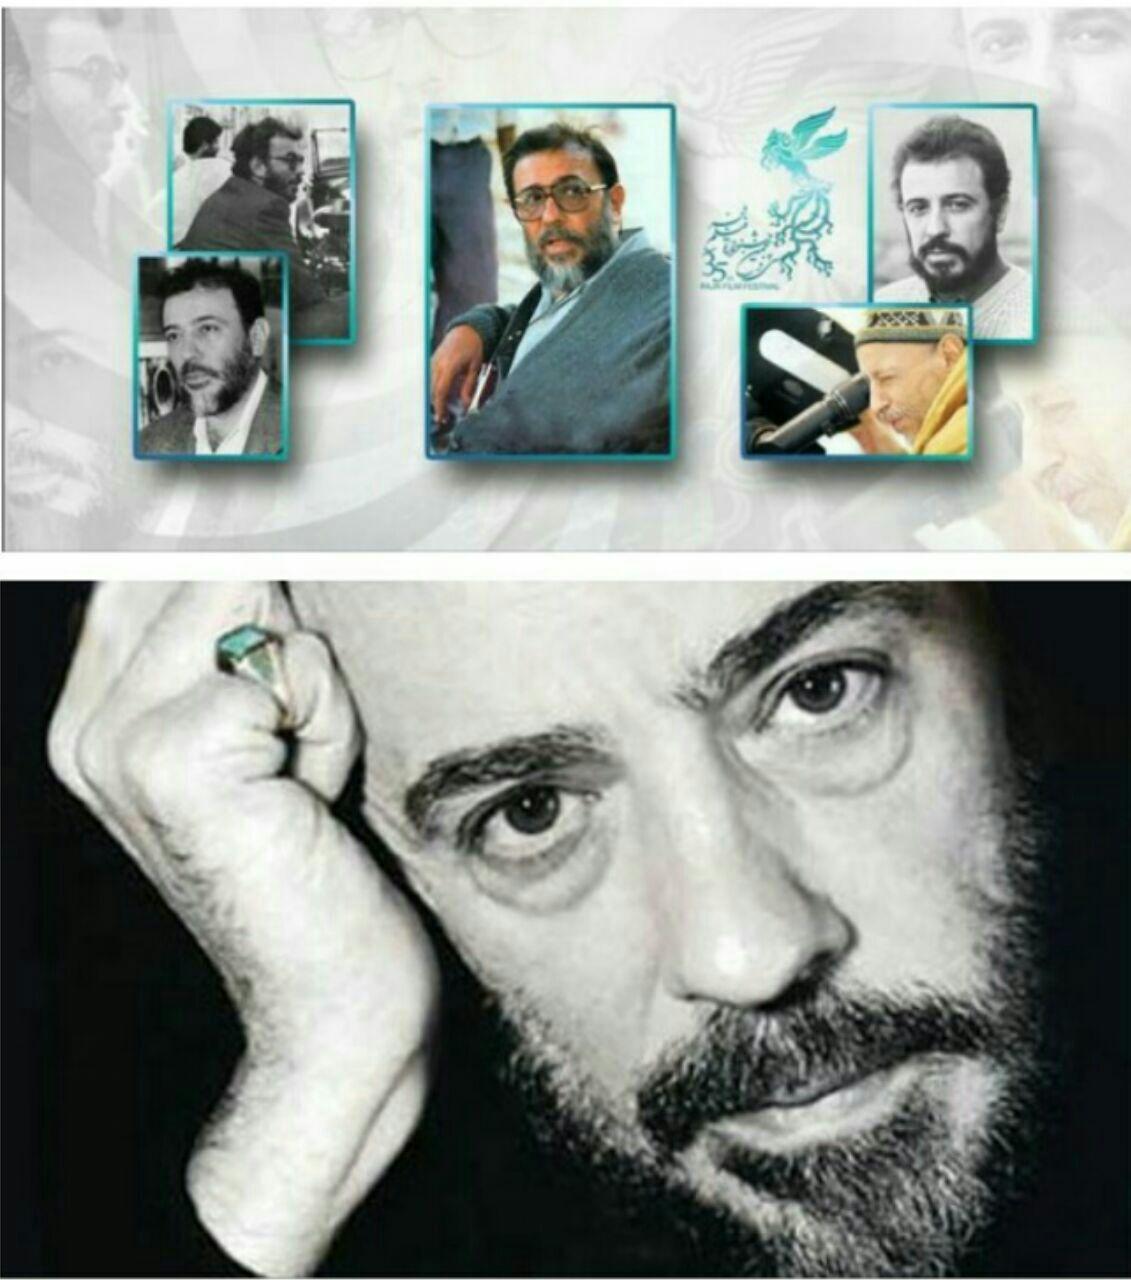 تصویر علی حاتمی بر روی پوستر فیلم فجر میرود